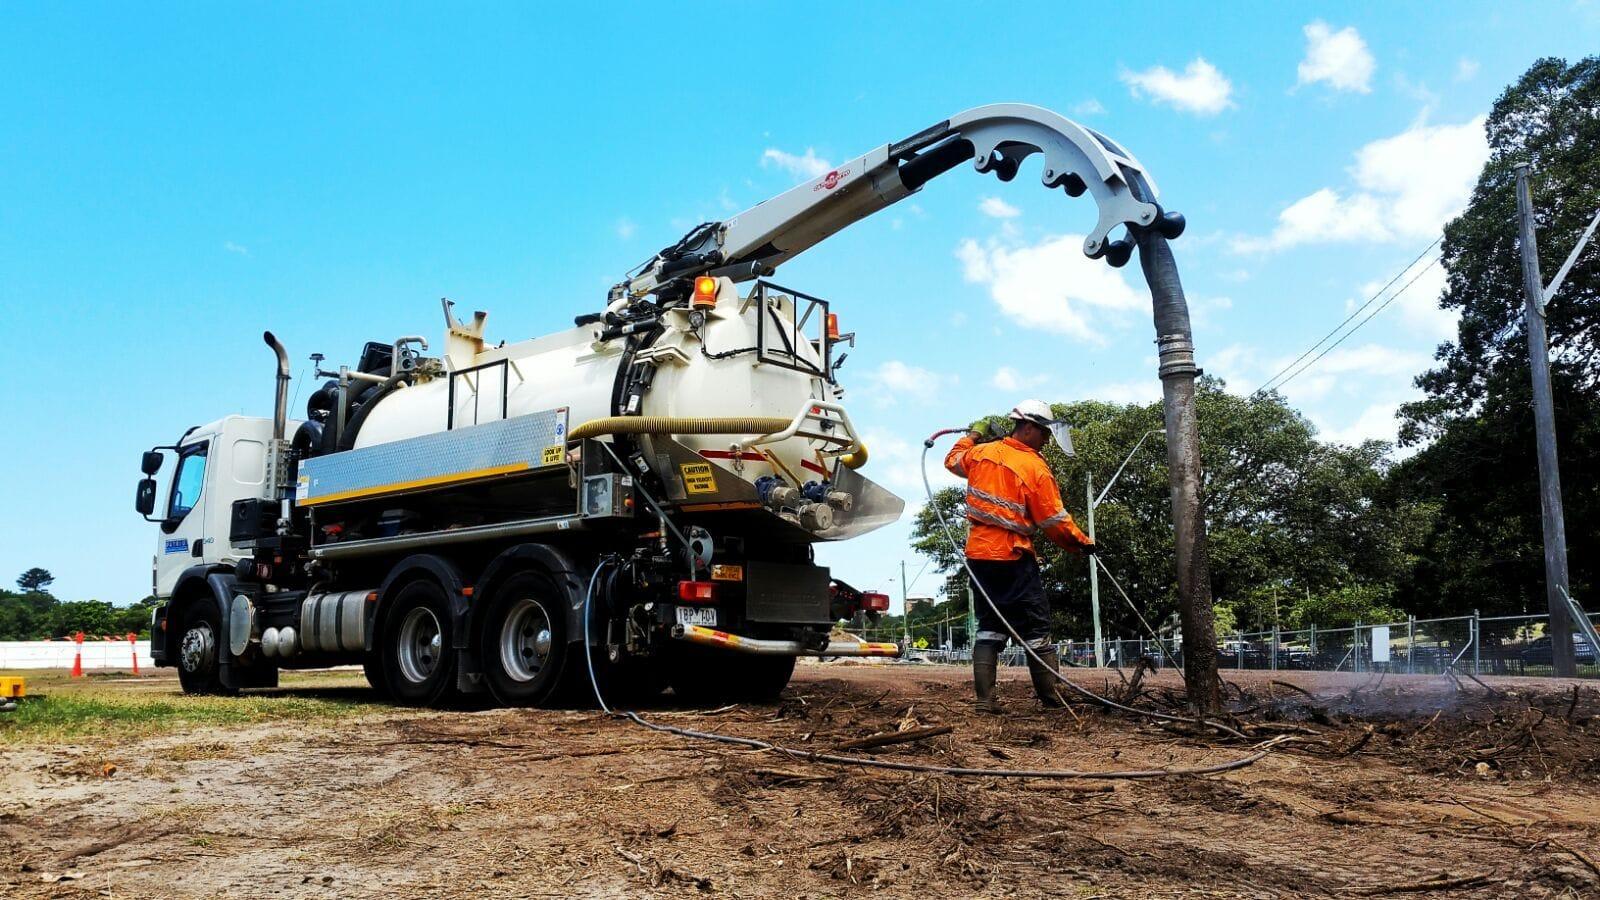 Benefits Of Non-Destructive Digging